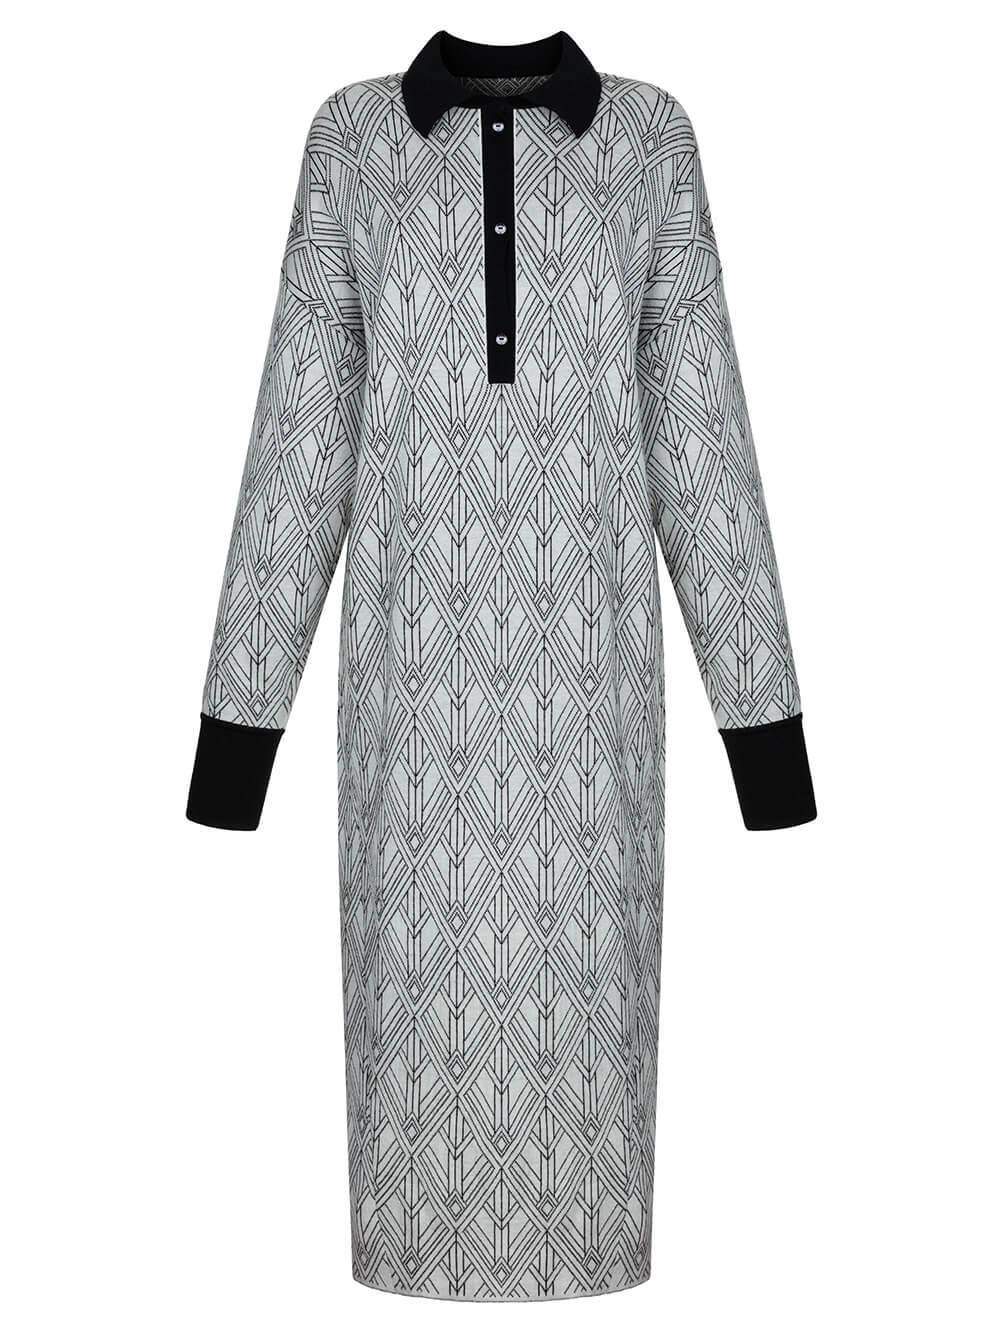 Женское платье молочного цвета из шерсти и шелка - фото 1